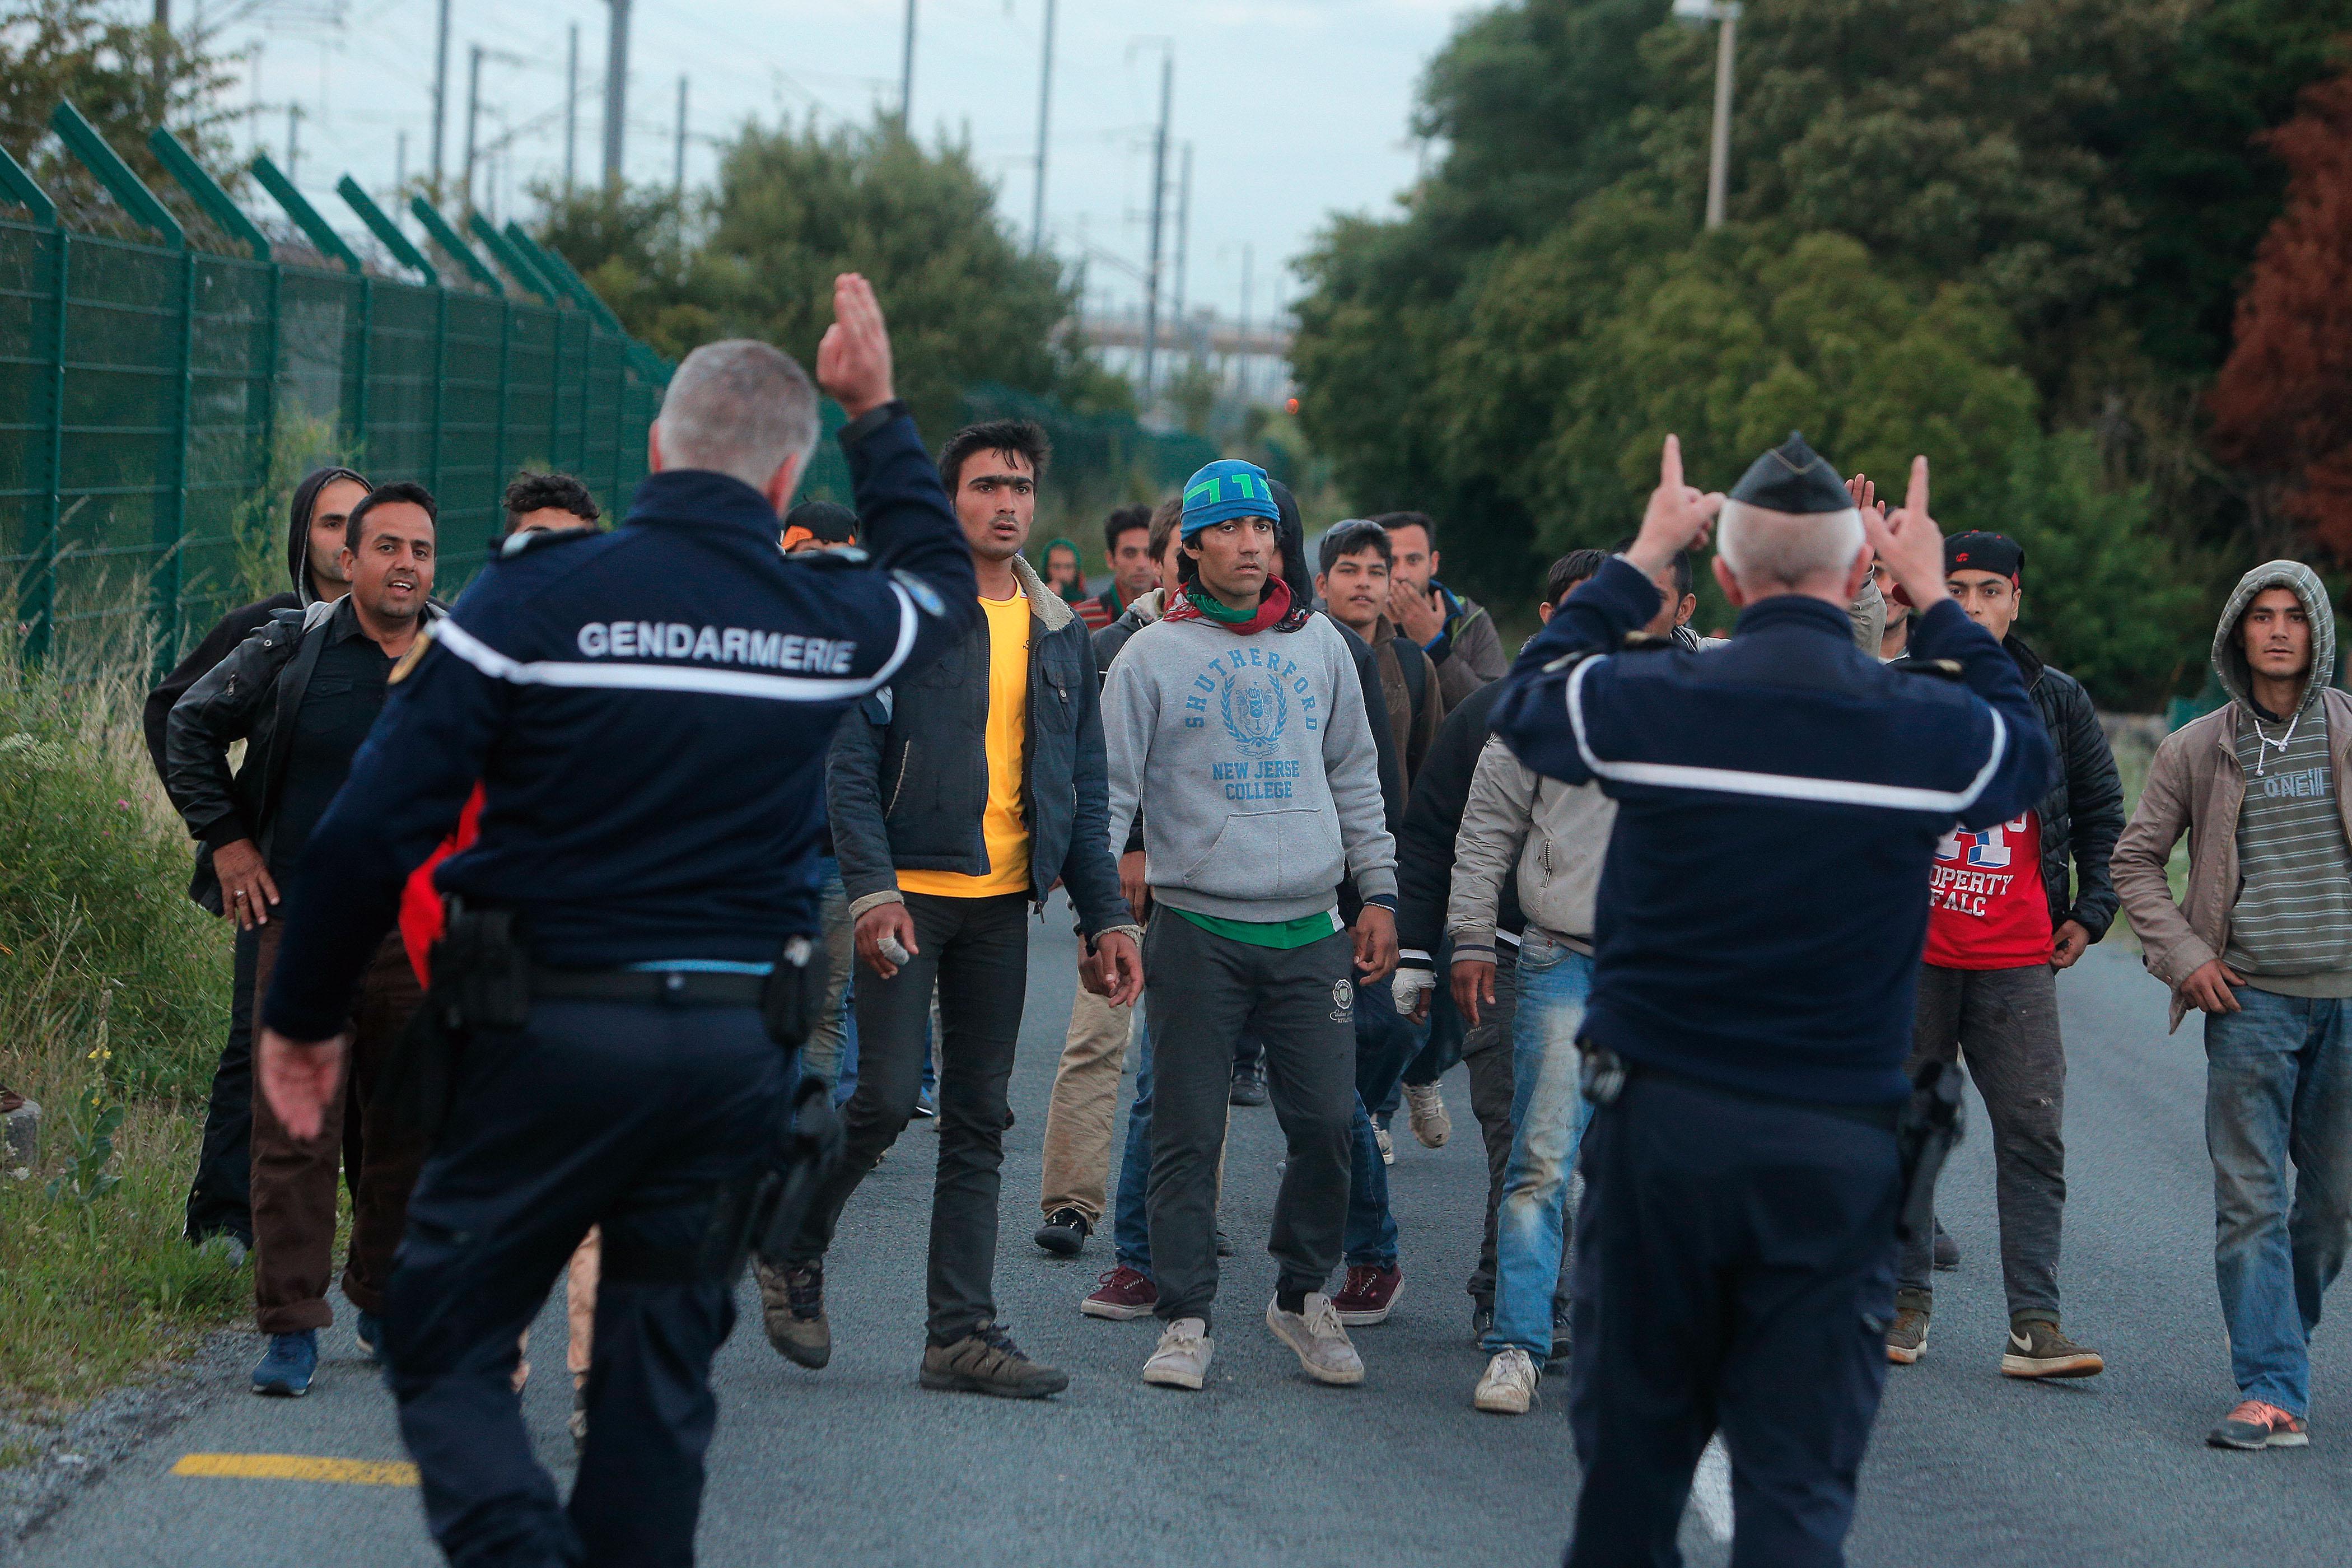 La Francia si scopre di nuovo furbetta e vuol scaricare i disperati all'Inghilterra